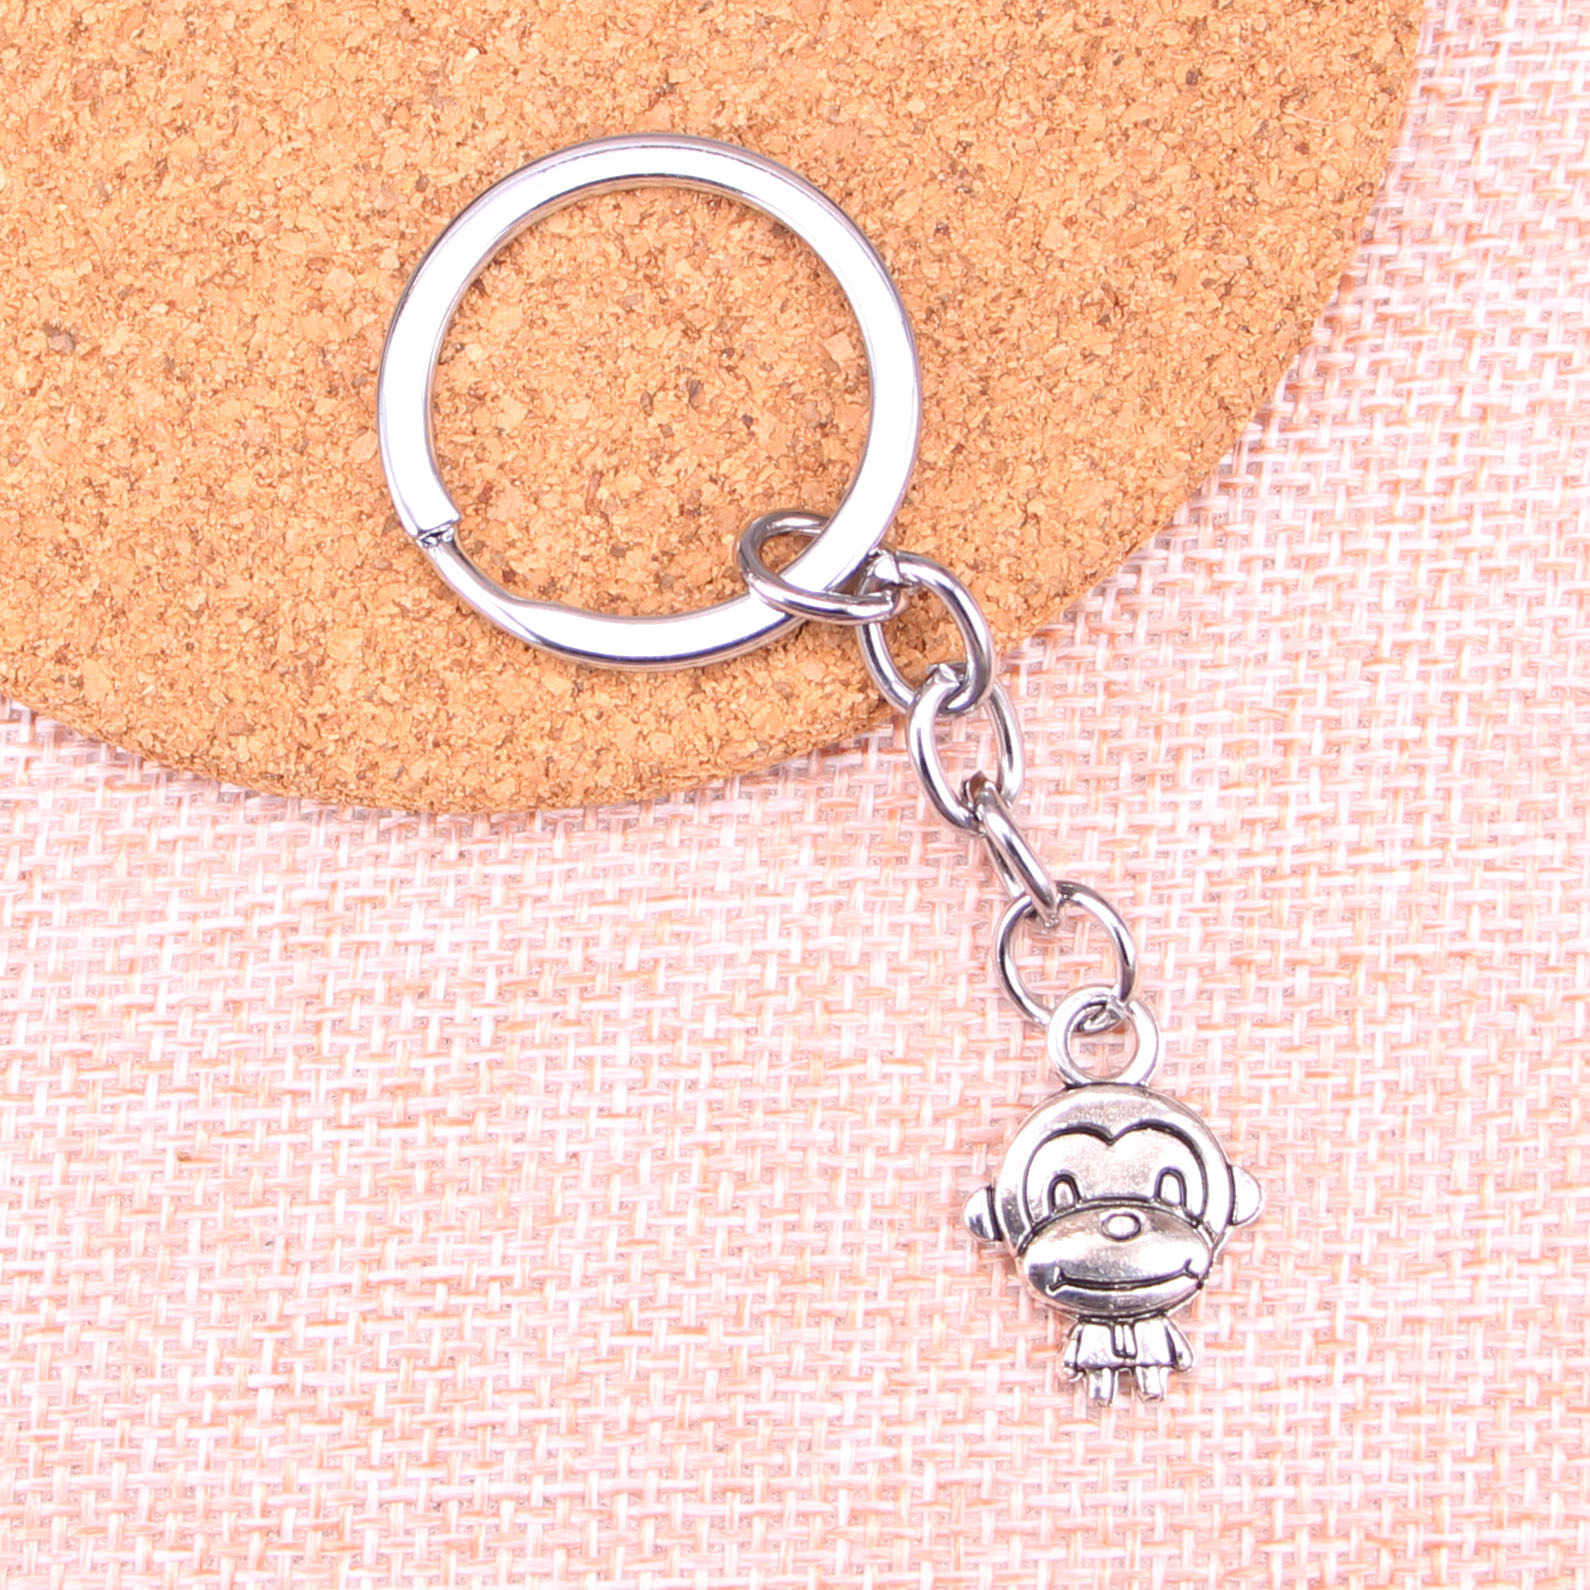 20 قطعة جديد وصول الصينية زودياك الخنزير الكلب الحصان ثعبان المفاتيح حلقة رئيسية ملحقات السلسلة صنع المجوهرات للهدايا